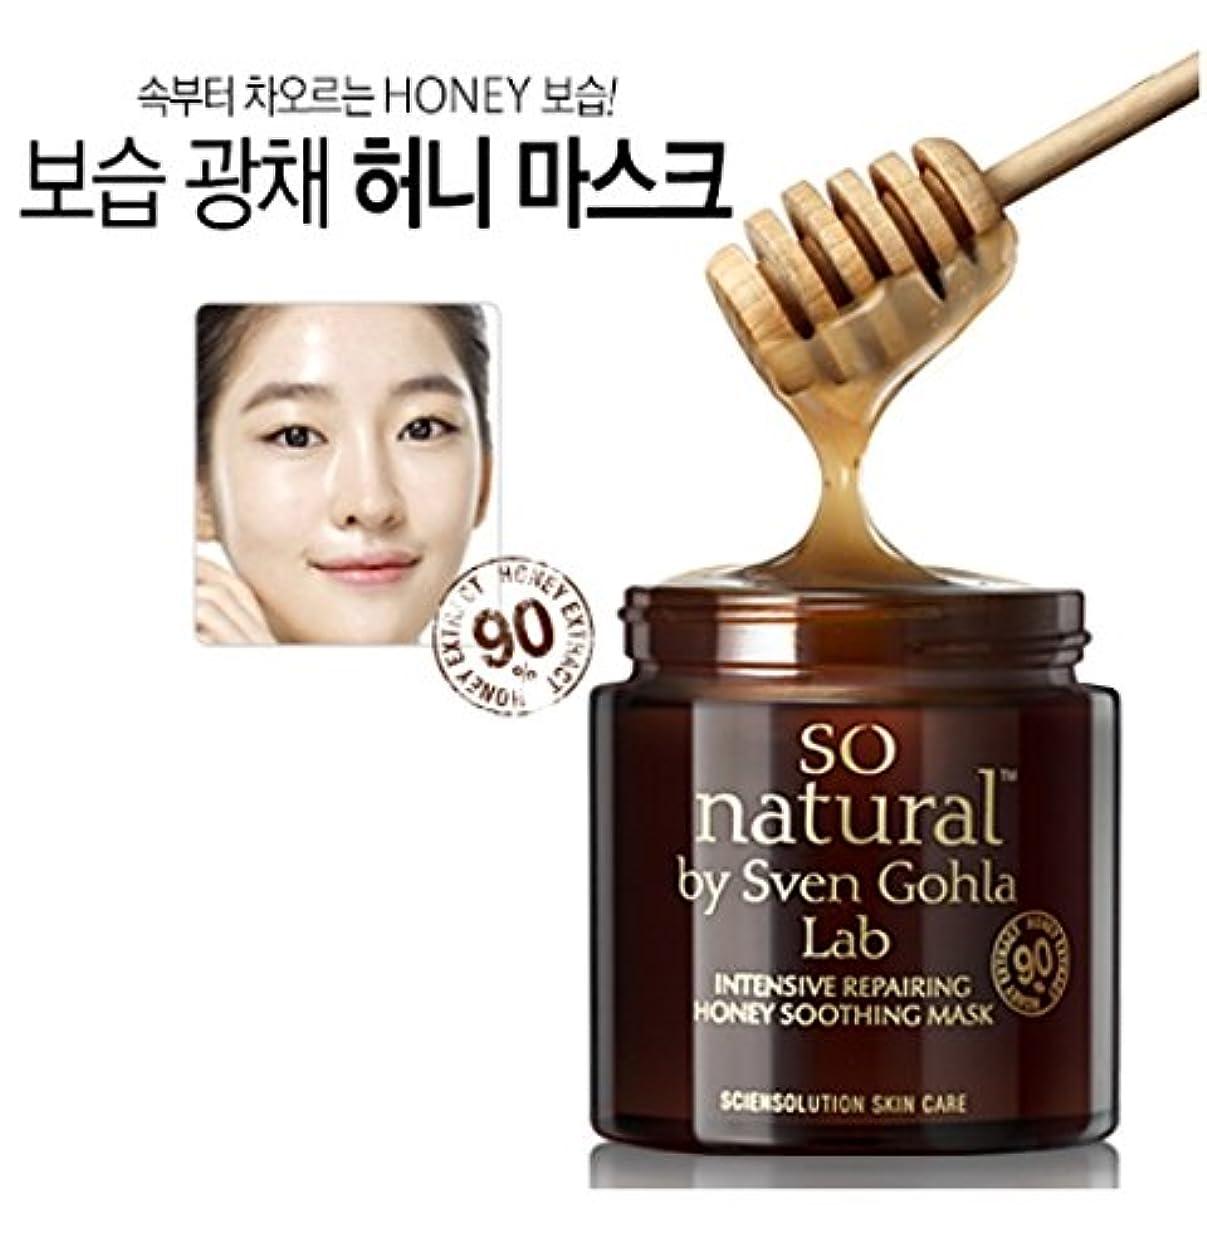 ビジョンペスト融合(ソーナチュラル)So Natural インテンシブ・リペアリング・ハニー・スージング・マスク100ml(Intensive Repairing Honey Soothing Mask 100ml) [並行輸入品]